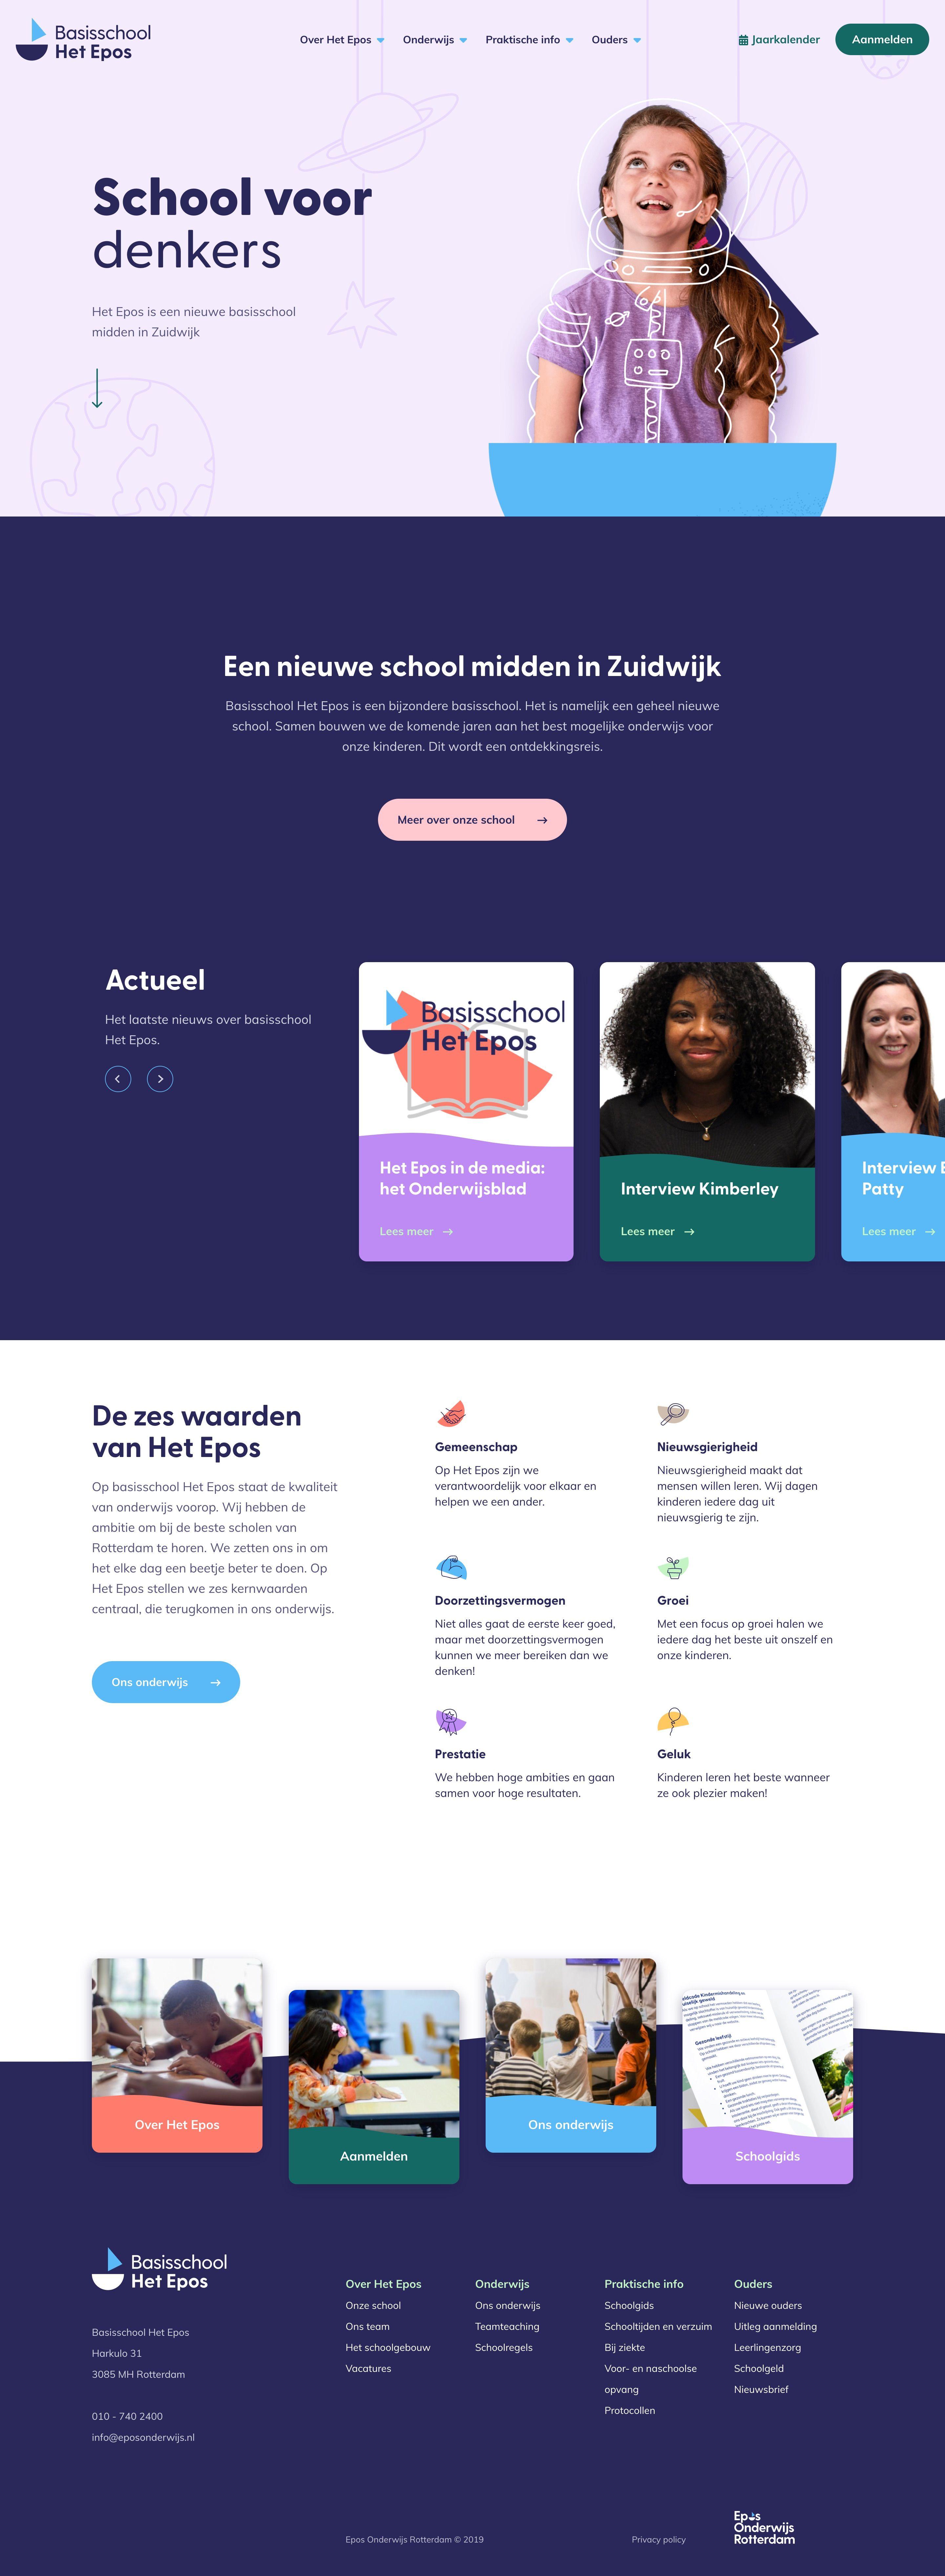 Really Good Site Design From Land Book Com In 2020 Web Design Websites Webpage Design Simple Website Design